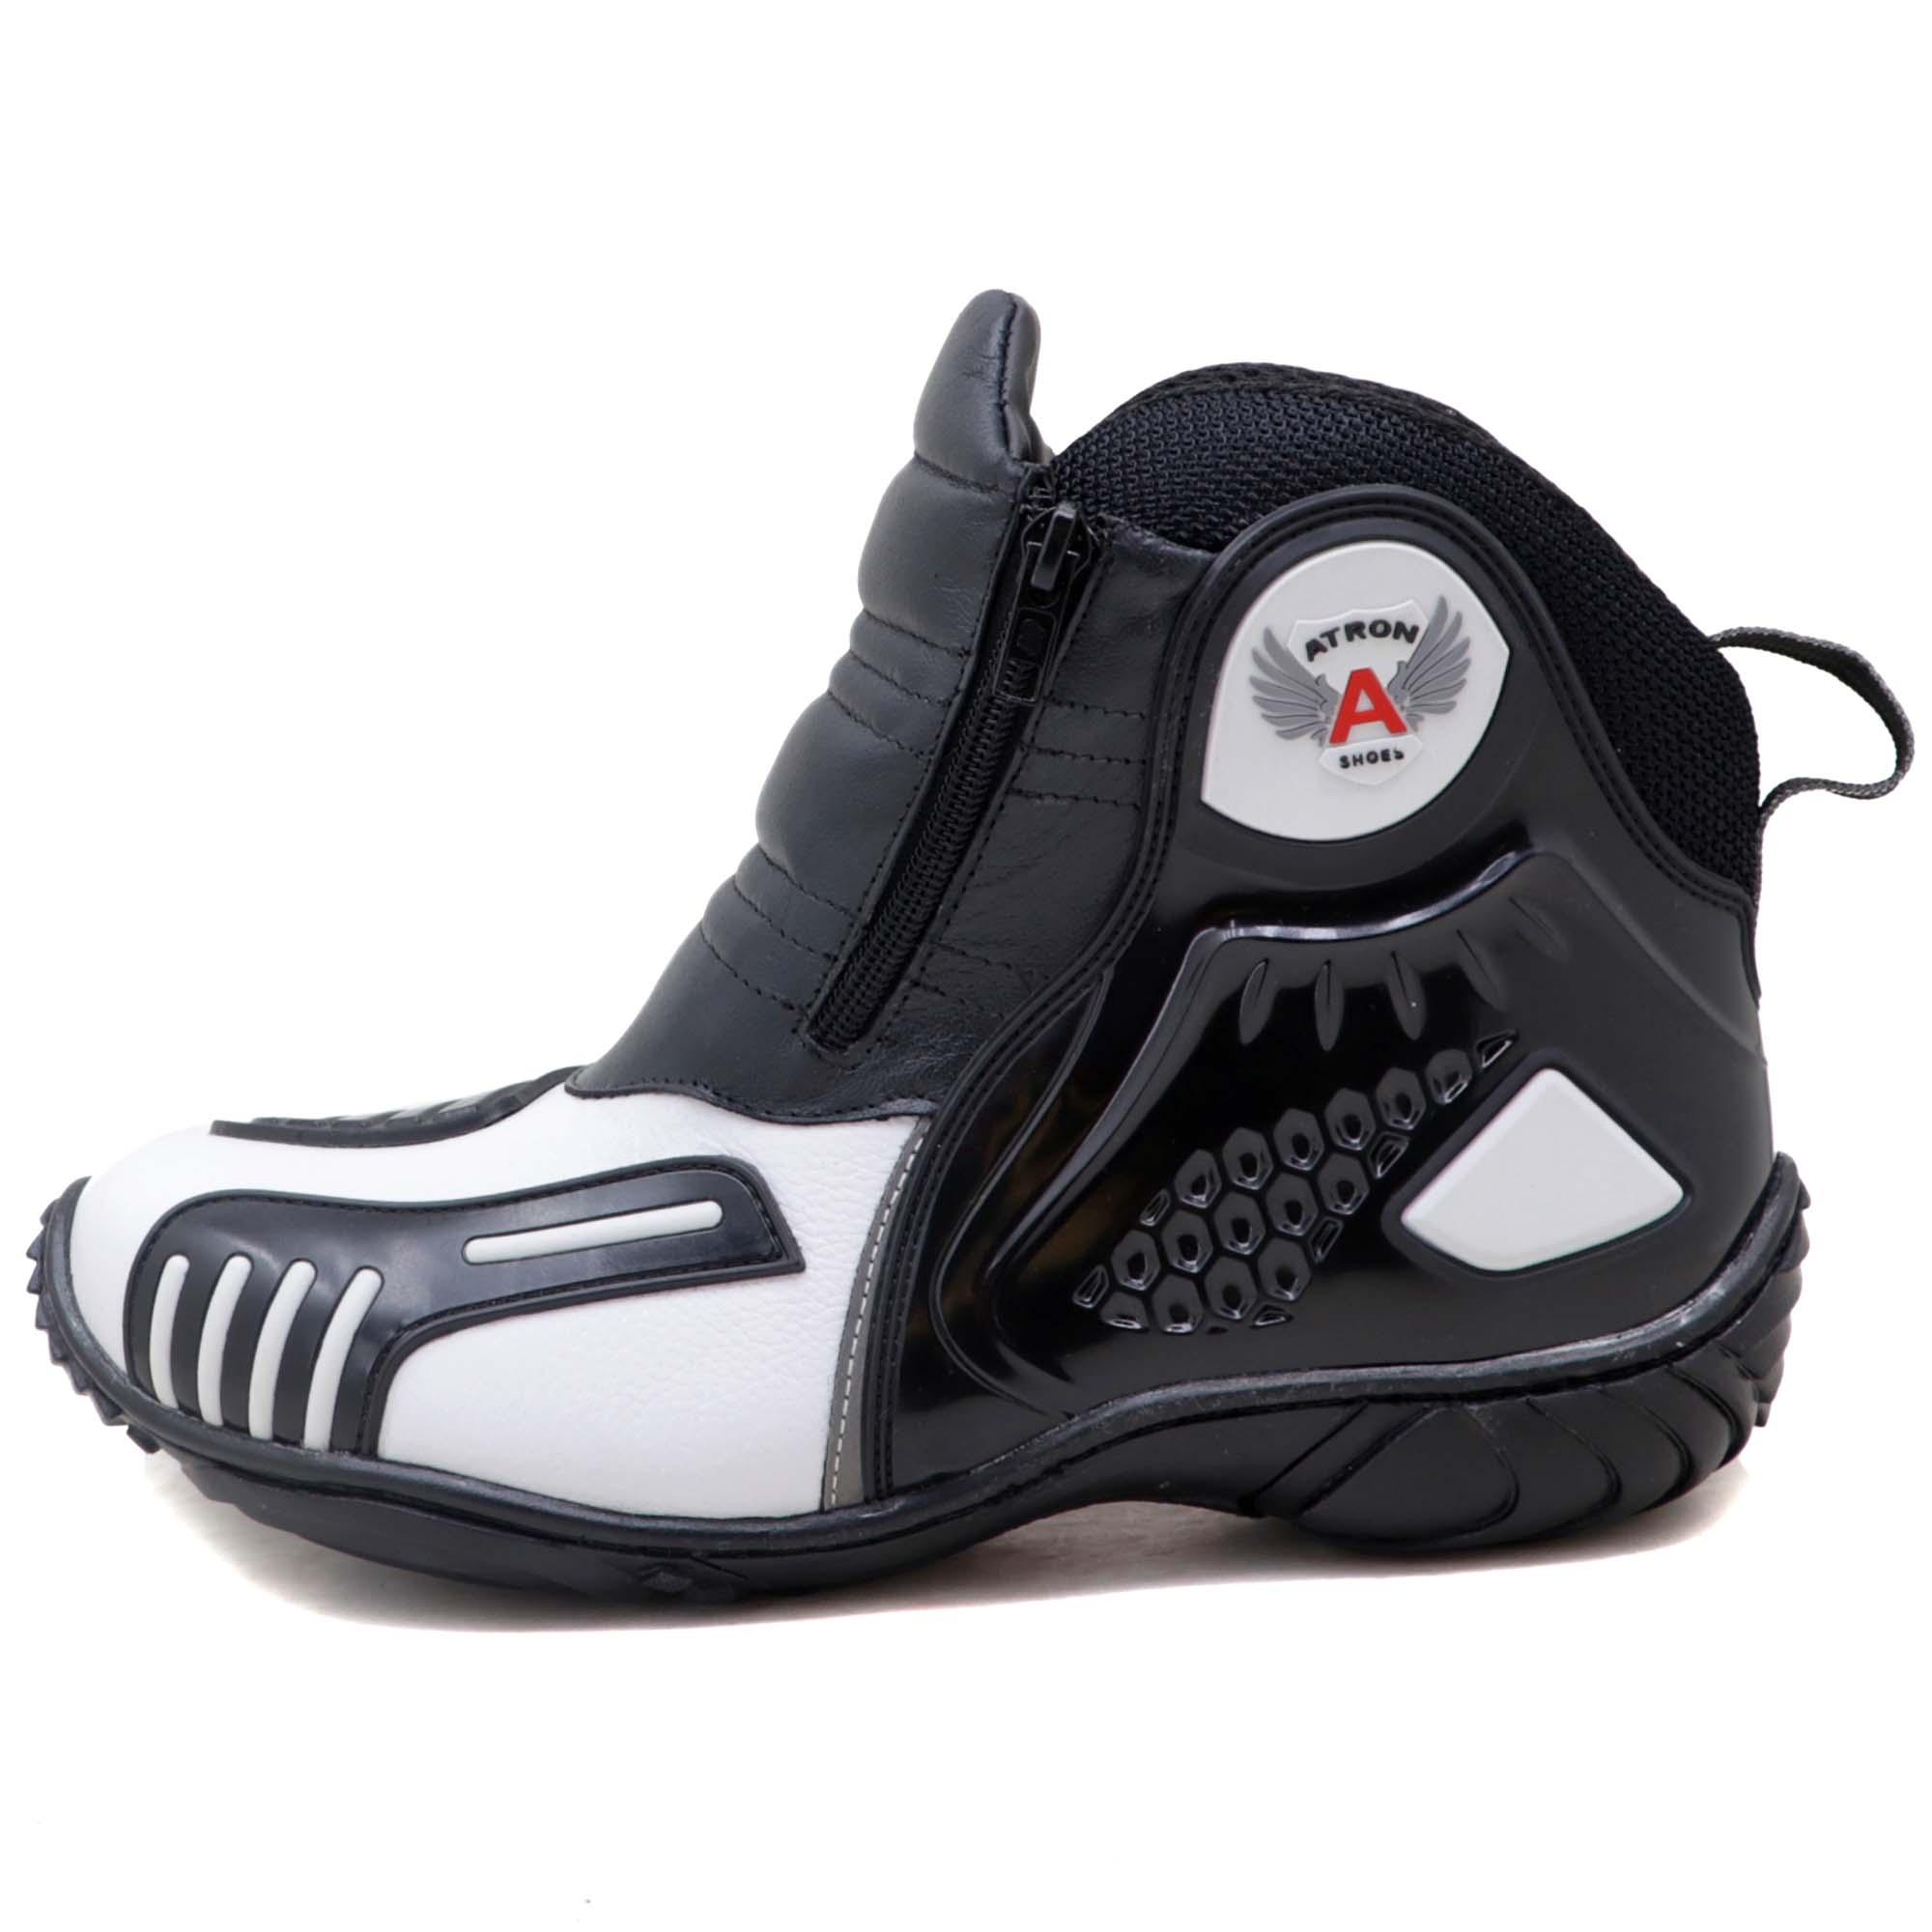 Bota motociclista Atron Shoes AS-HIGHWAY em couro legítimo semi-impermeável emborrachada nas cores branco  407